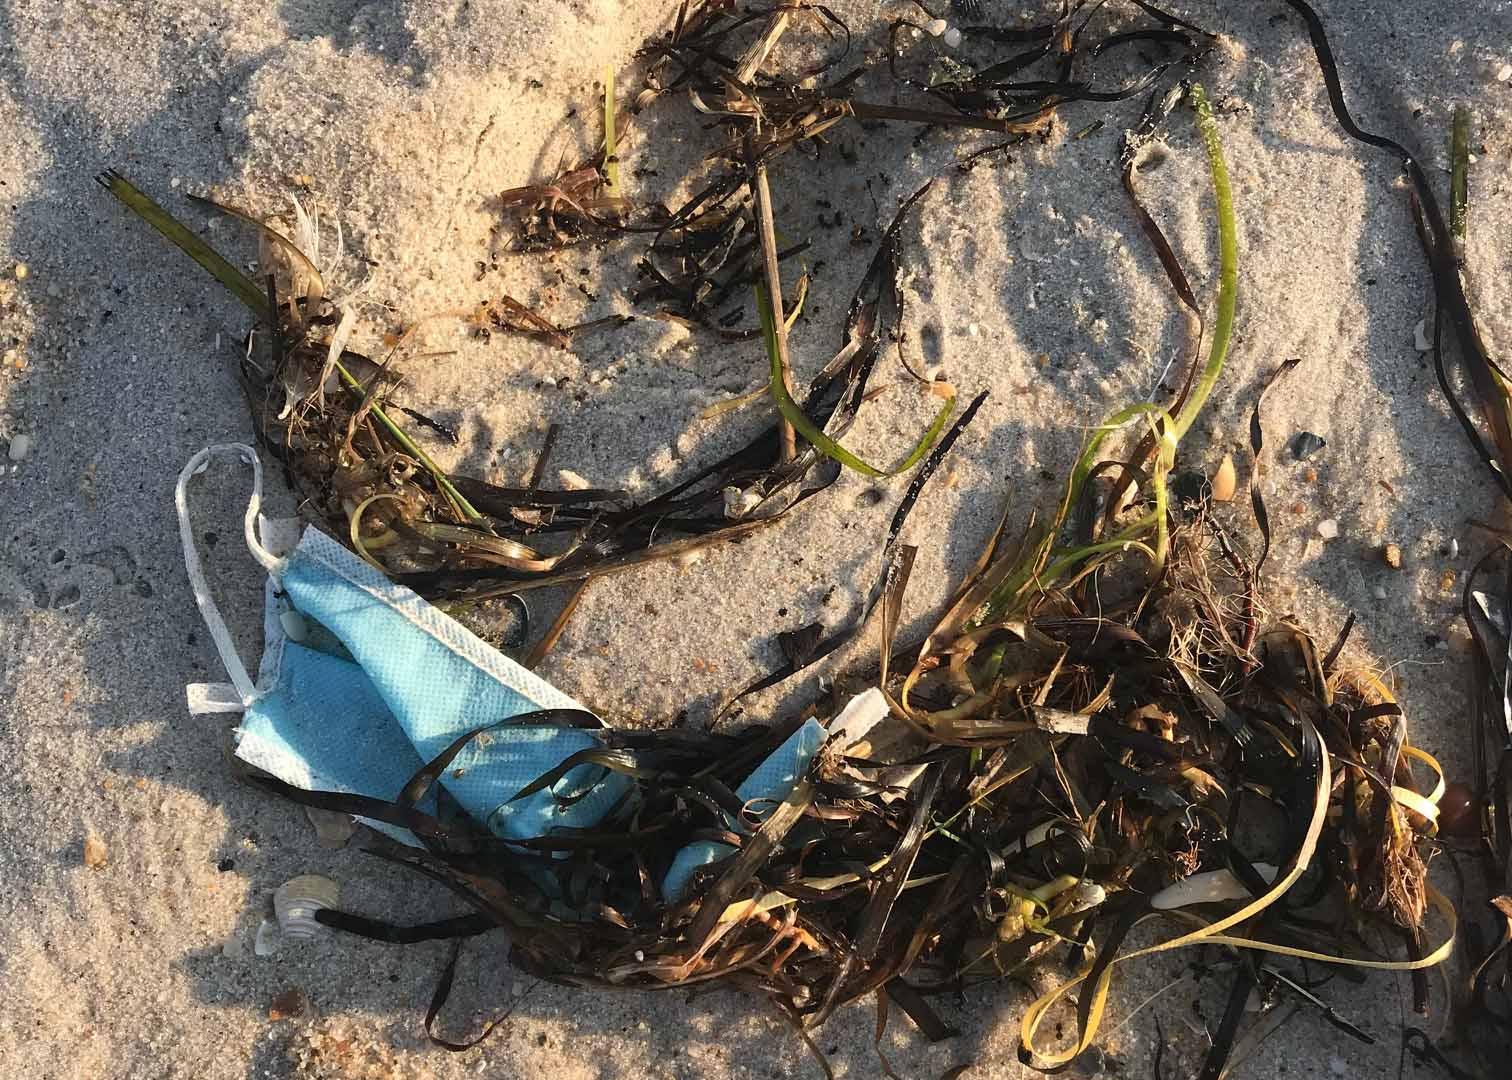 Epidemia de plásticos - conservação do oceano 2